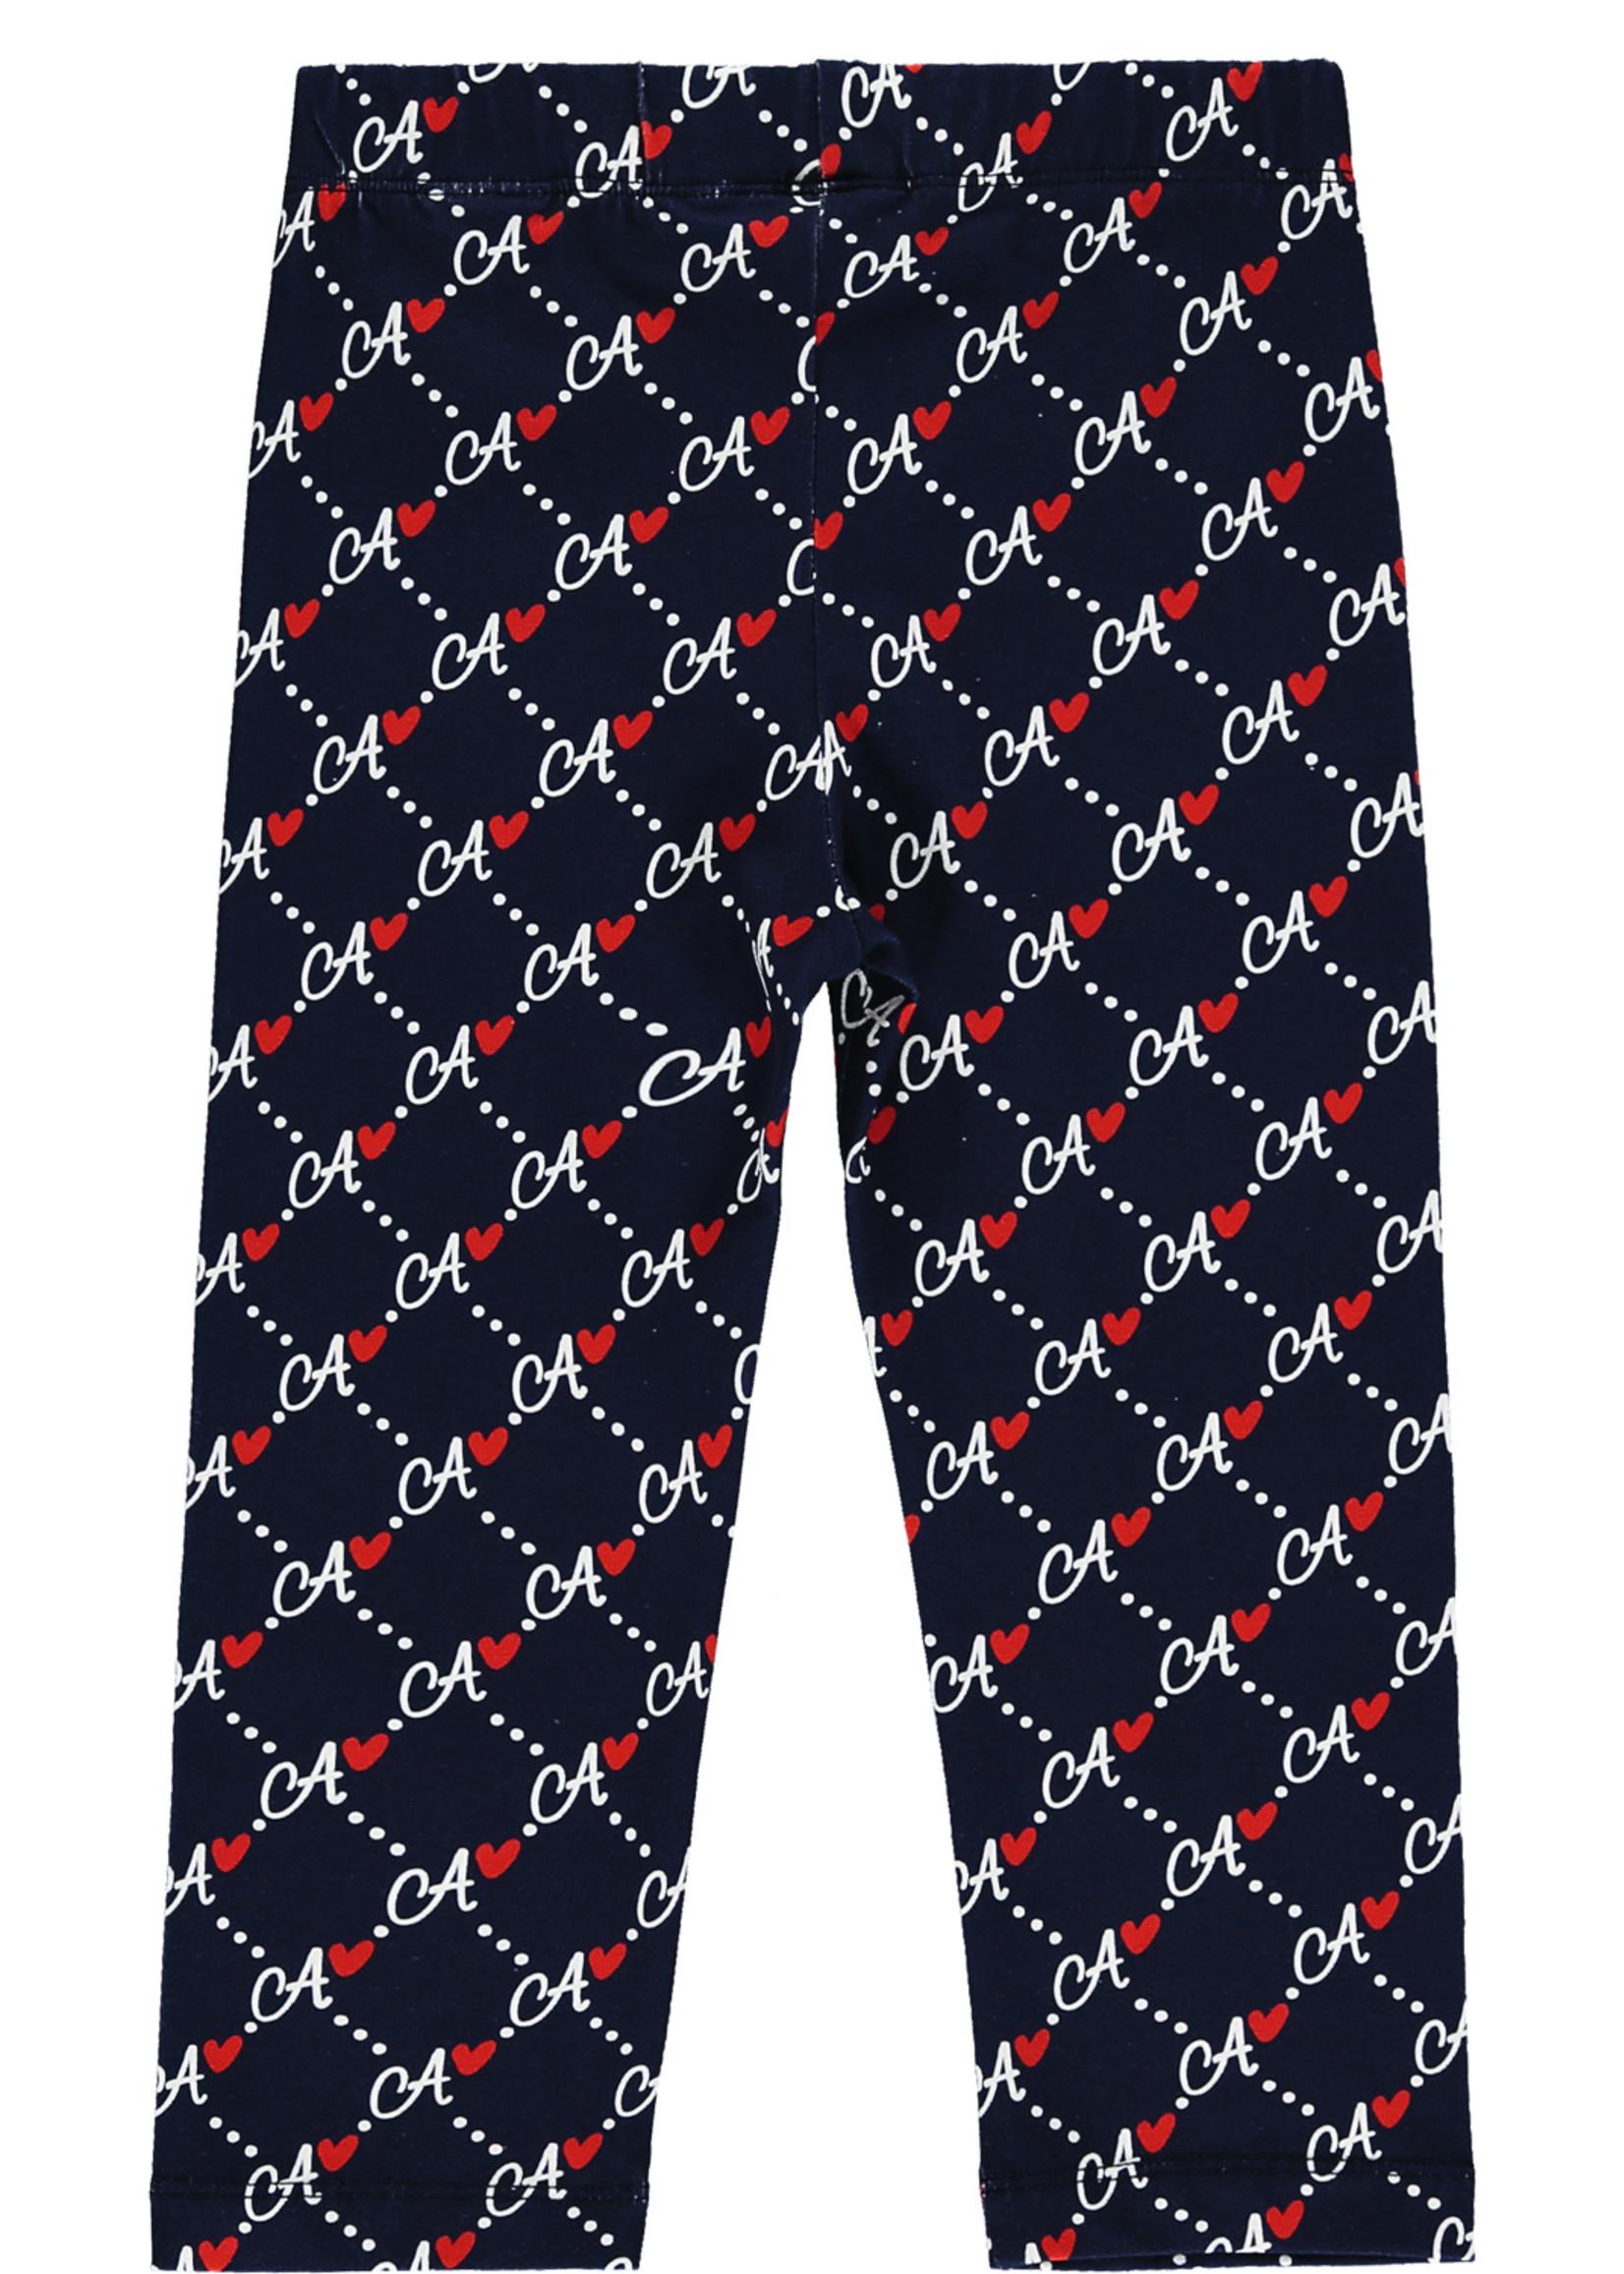 A Dee Michelle 2 piece legging set